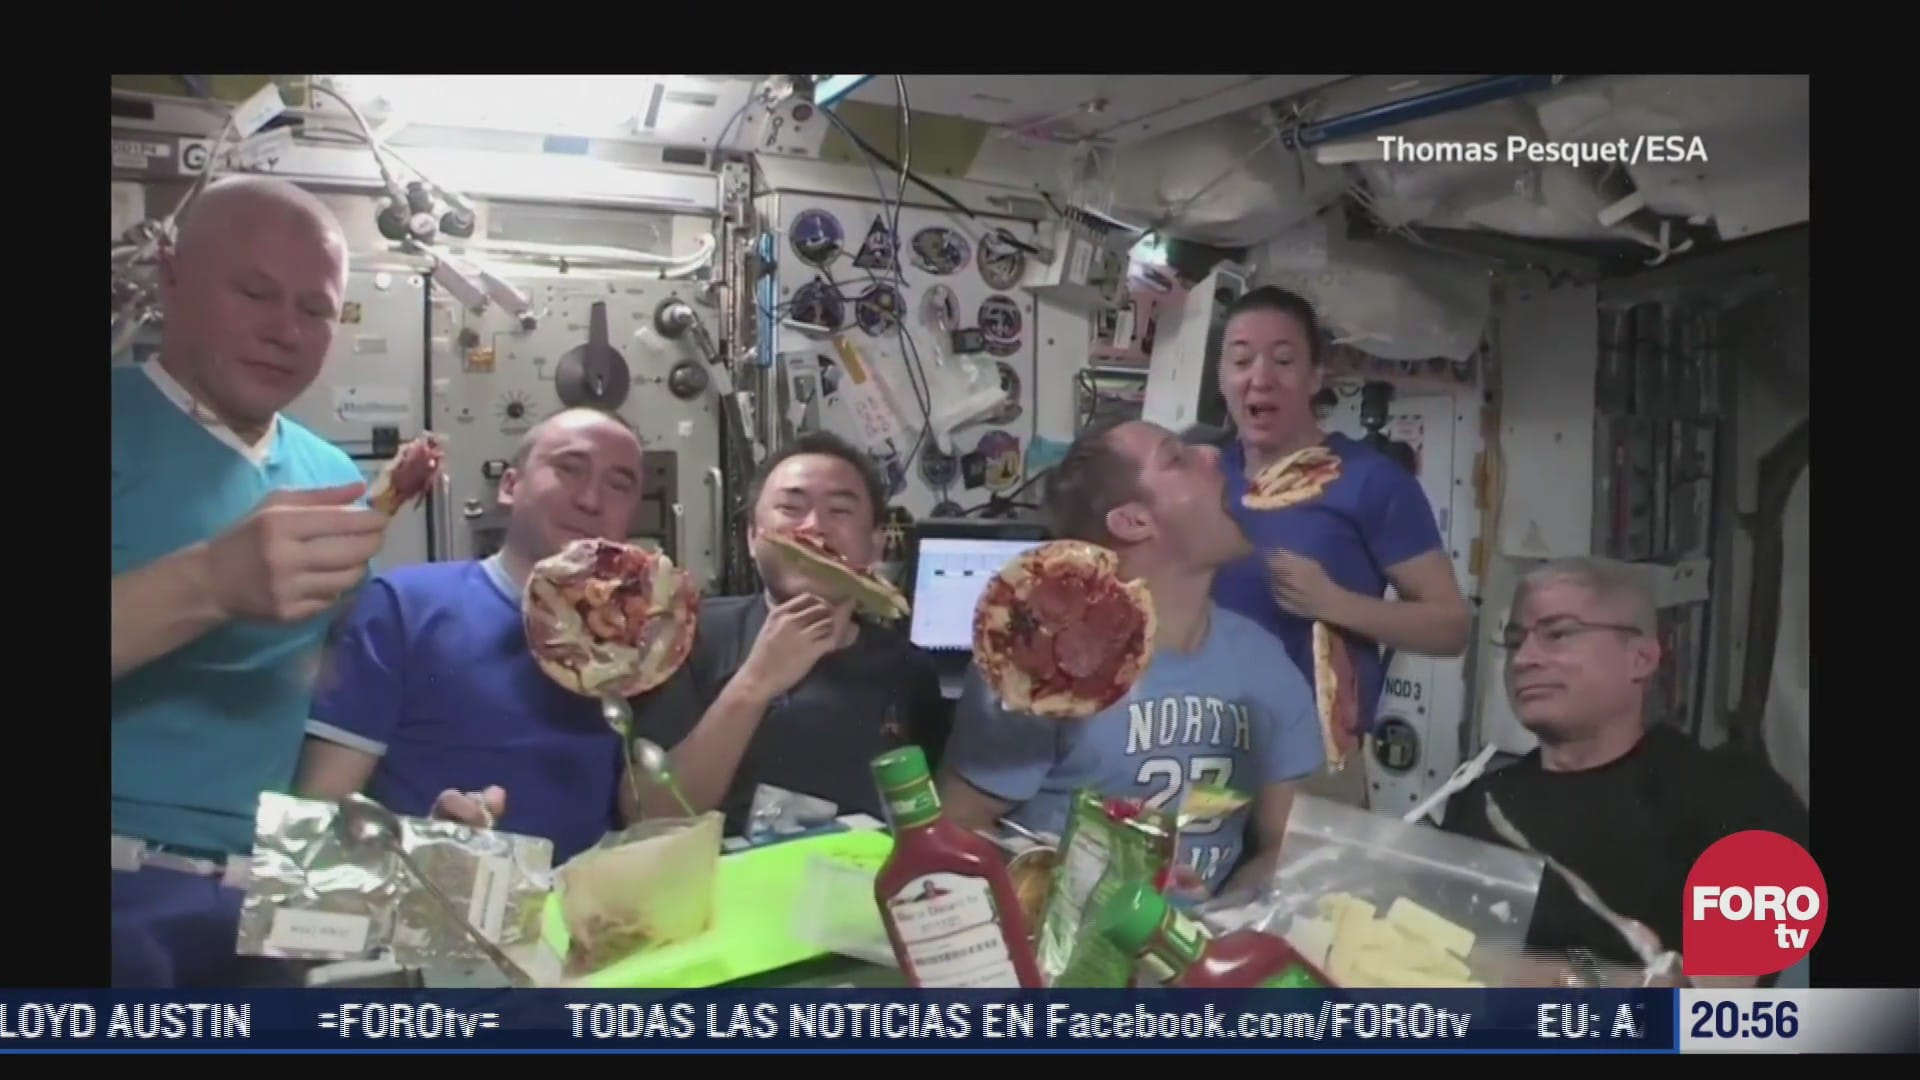 video astronautas tienen fiesta flotante de pizzas en el espacio